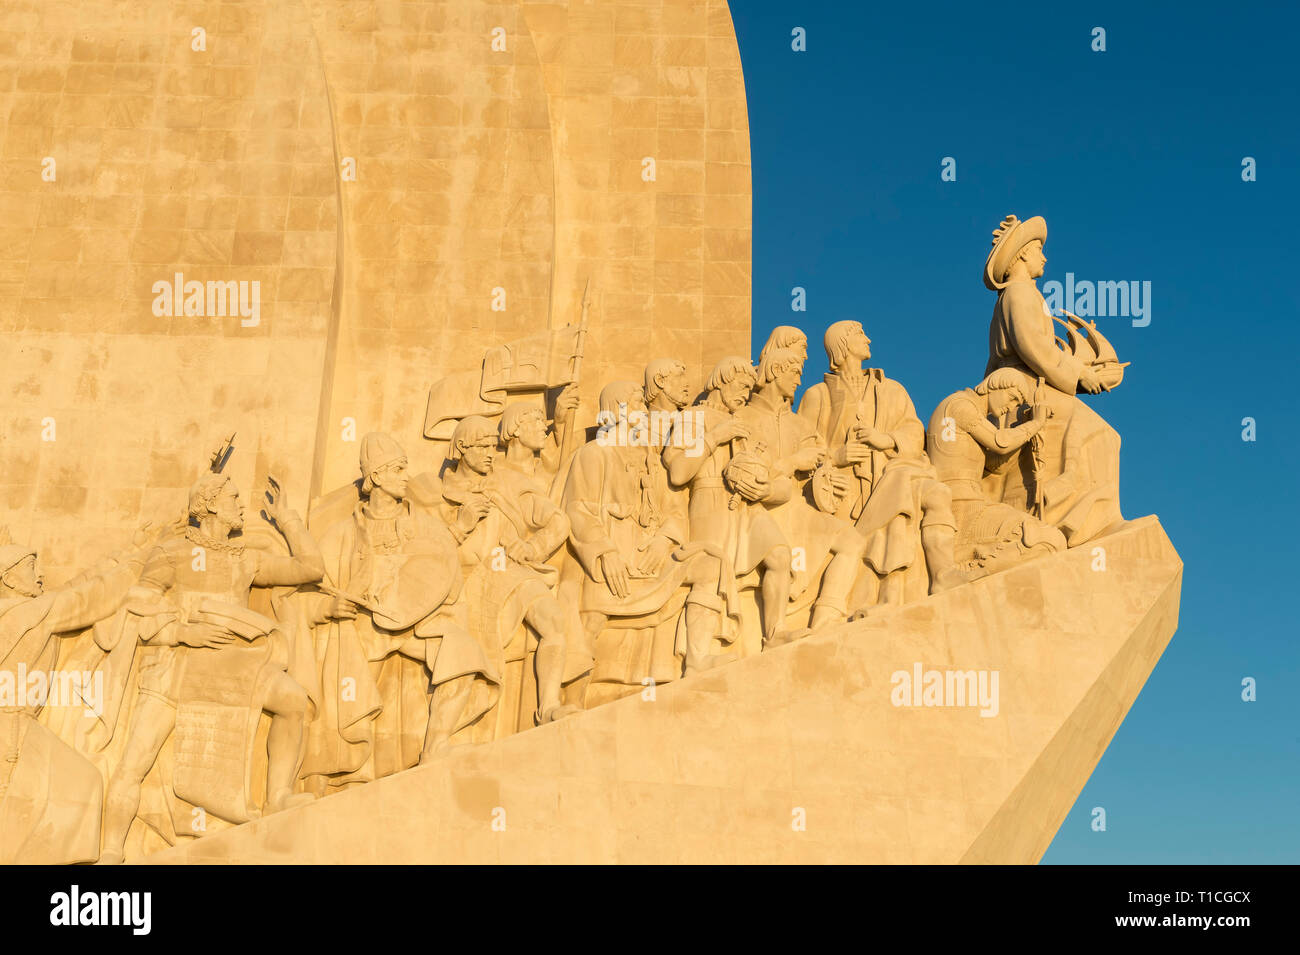 Monument to the Discoveries, Padrão dos Descobrimentos, Belem district, Lisbon, Portugal Stock Photo